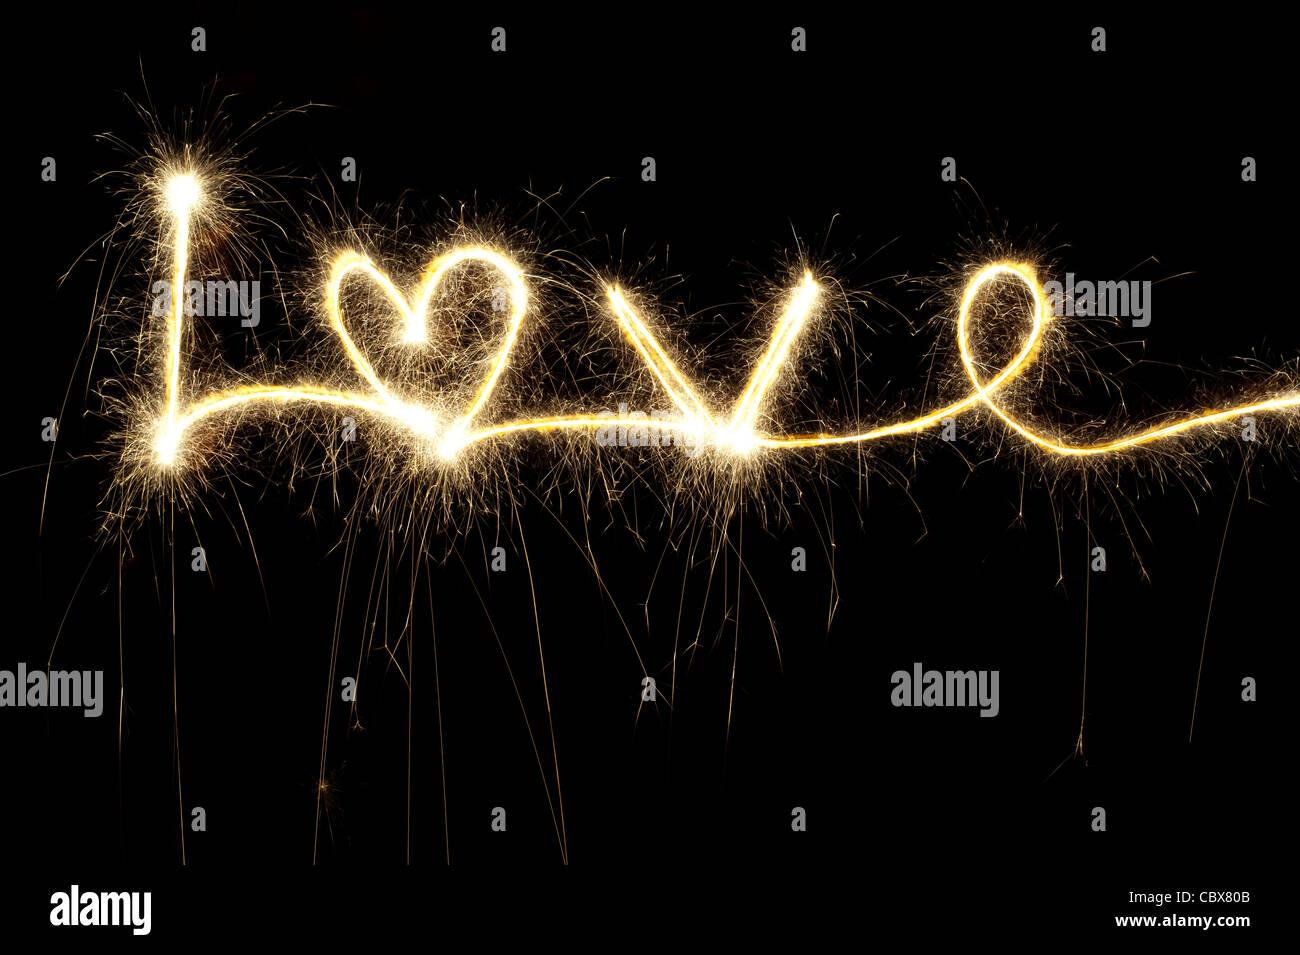 Amor escrito con una bengala en la noche incluyendo una forma corazón Imagen De Stock